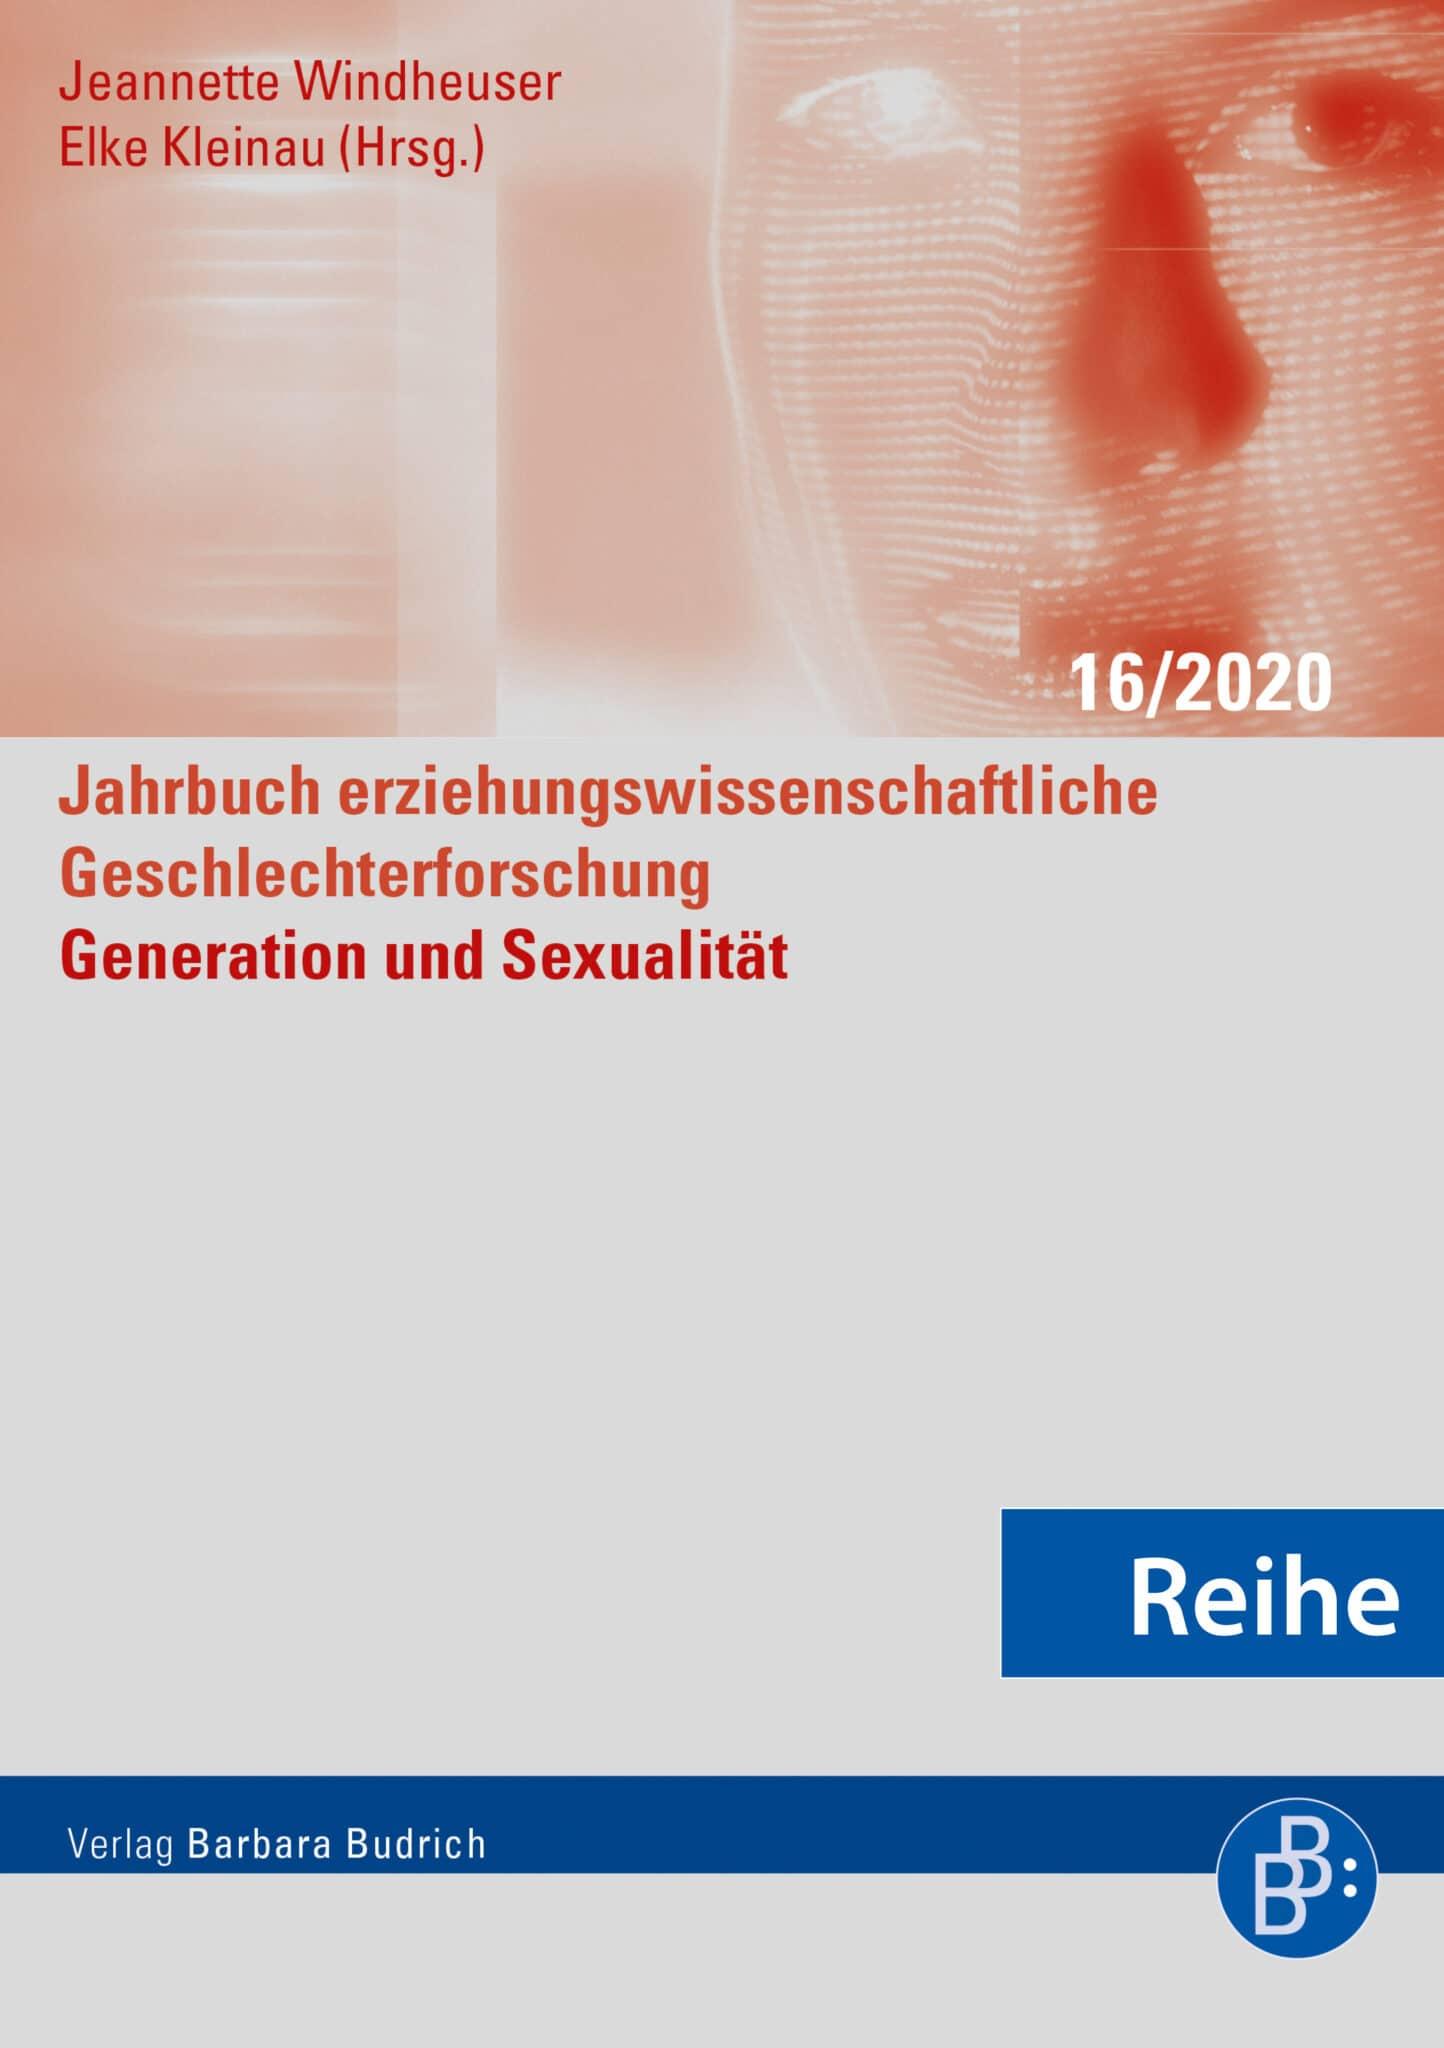 Reihe - Jahrbuch erziehungswissenschaftliche Geschlechterforschung JeG | ehemals: Jahrbuch Frauen- und Geschlechterforschung in der Erziehungswissenschaft